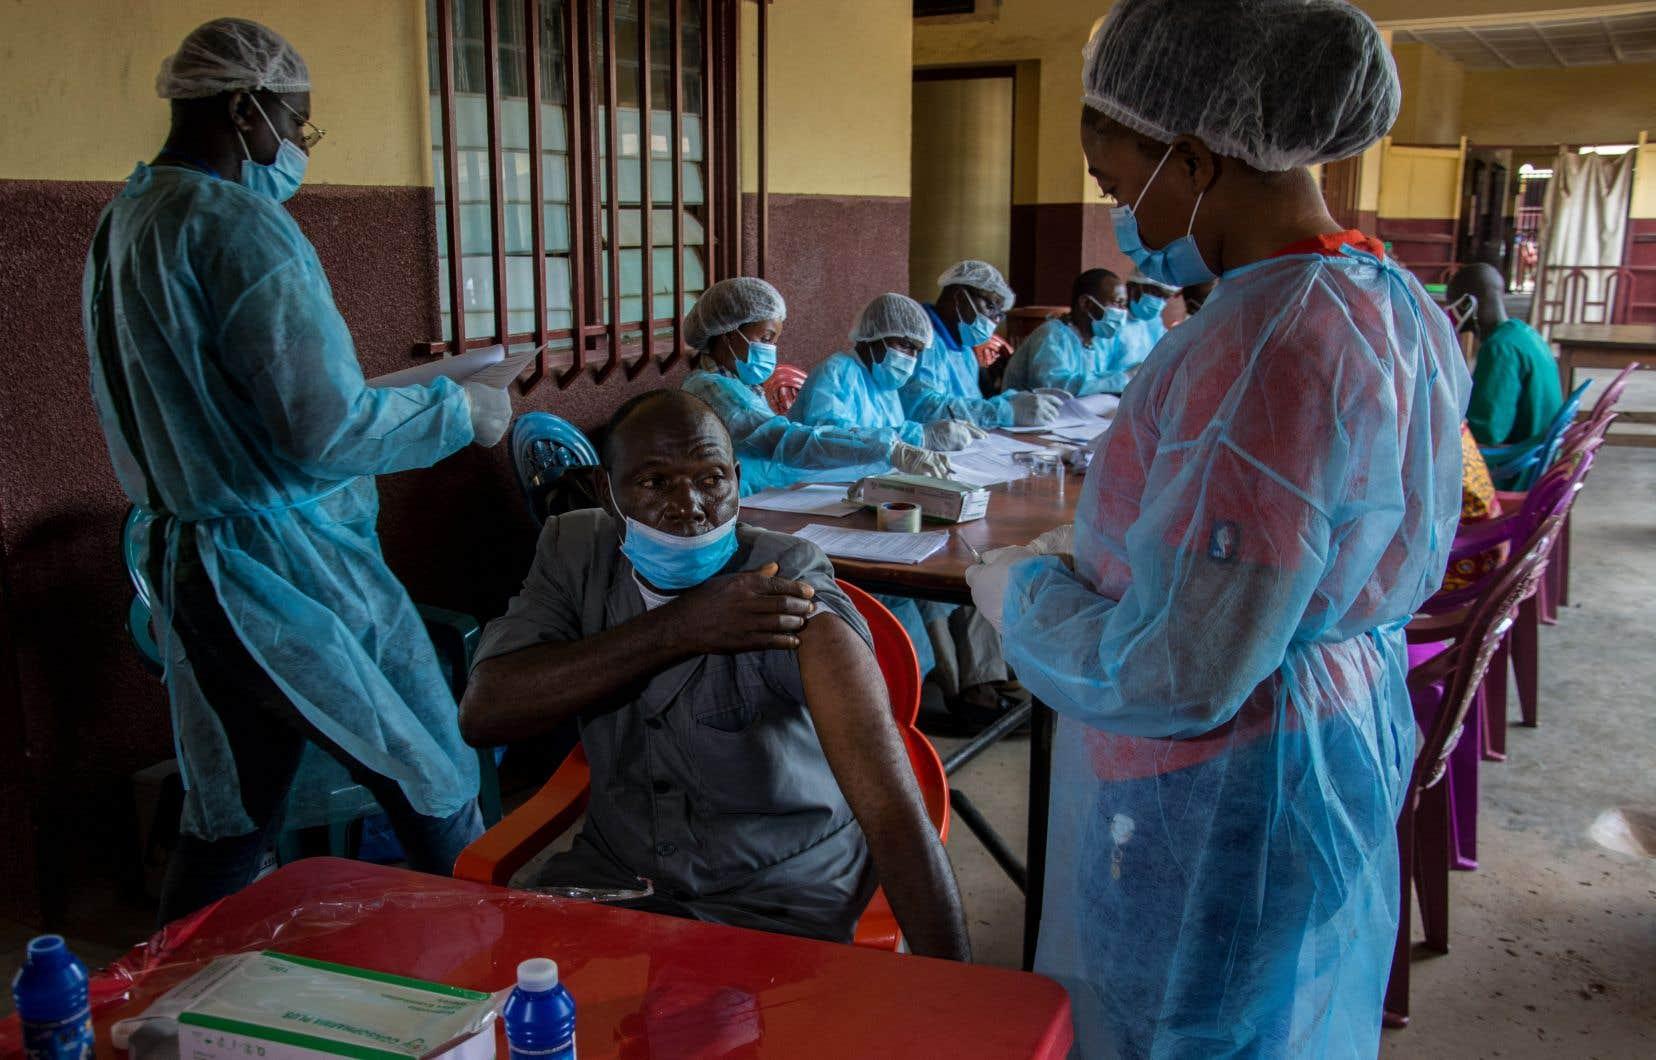 Selon la directrice régionale de l'OMS pour l'Afrique, Matshidiso Moeti, le virus a pu être contenu en quatre mois grâce aux innovations et aux enseignements tirés du passé. Elle a toutefois indiqué que les autorités et la population devront demeurer vigilantes.